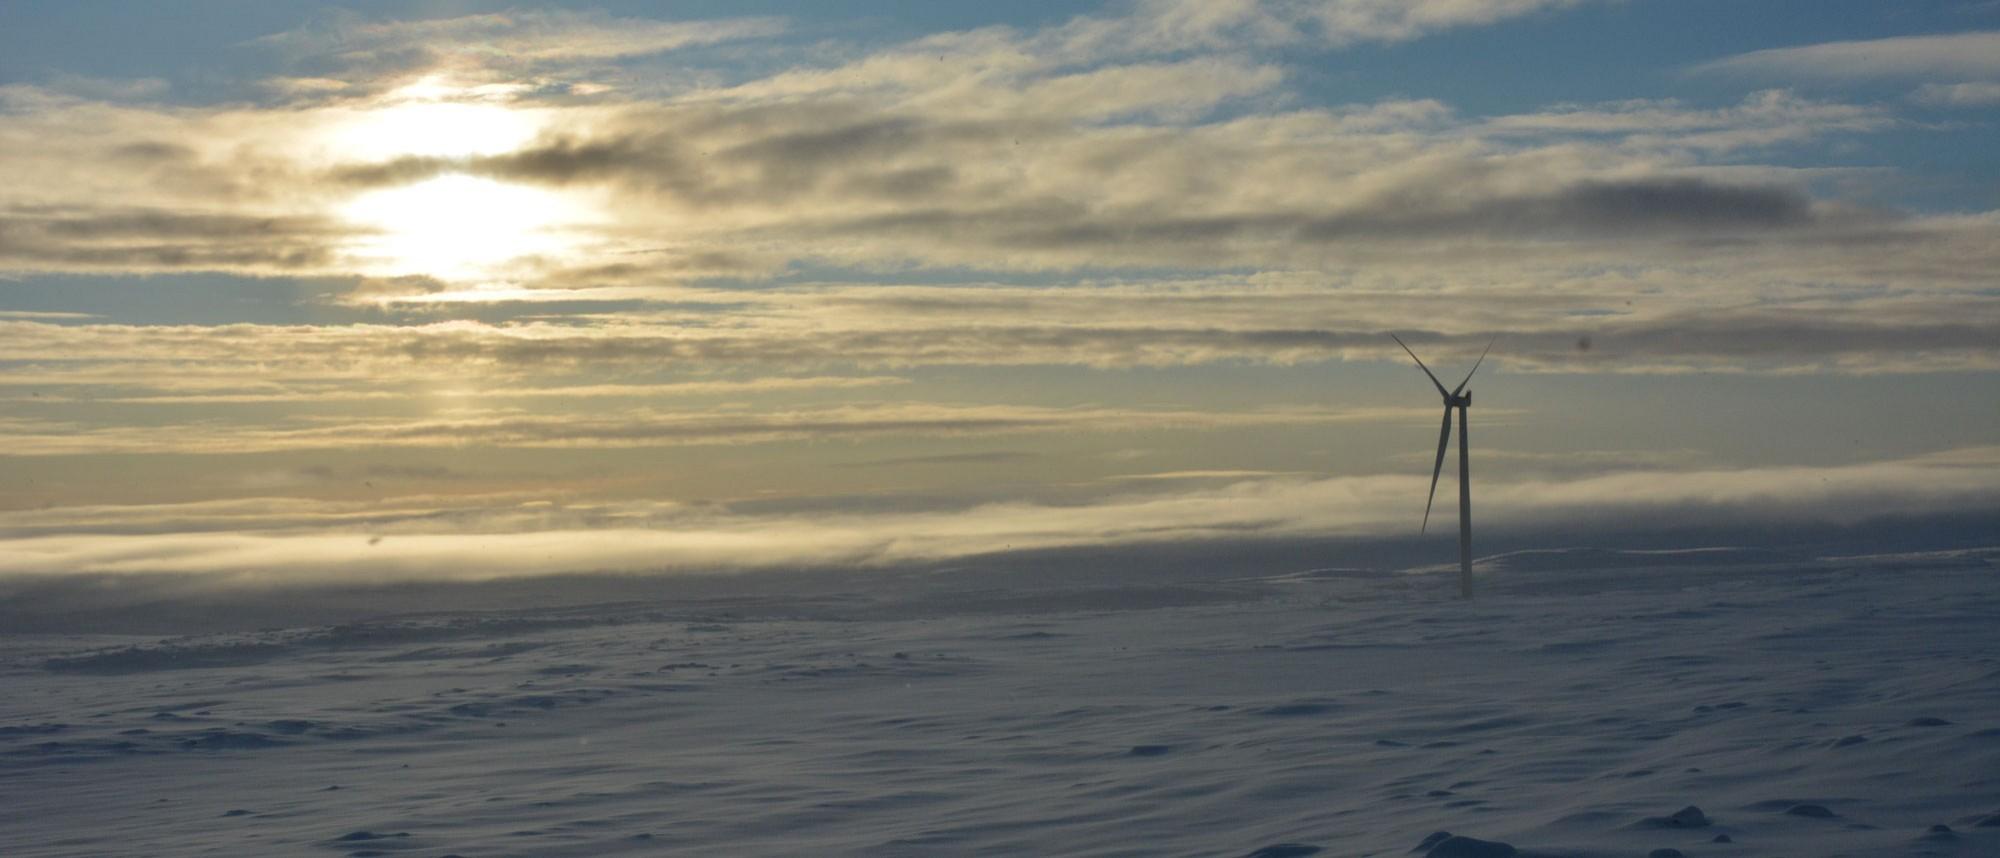 [Image: windfarm.berlevag5-as-2000x858.jpg]